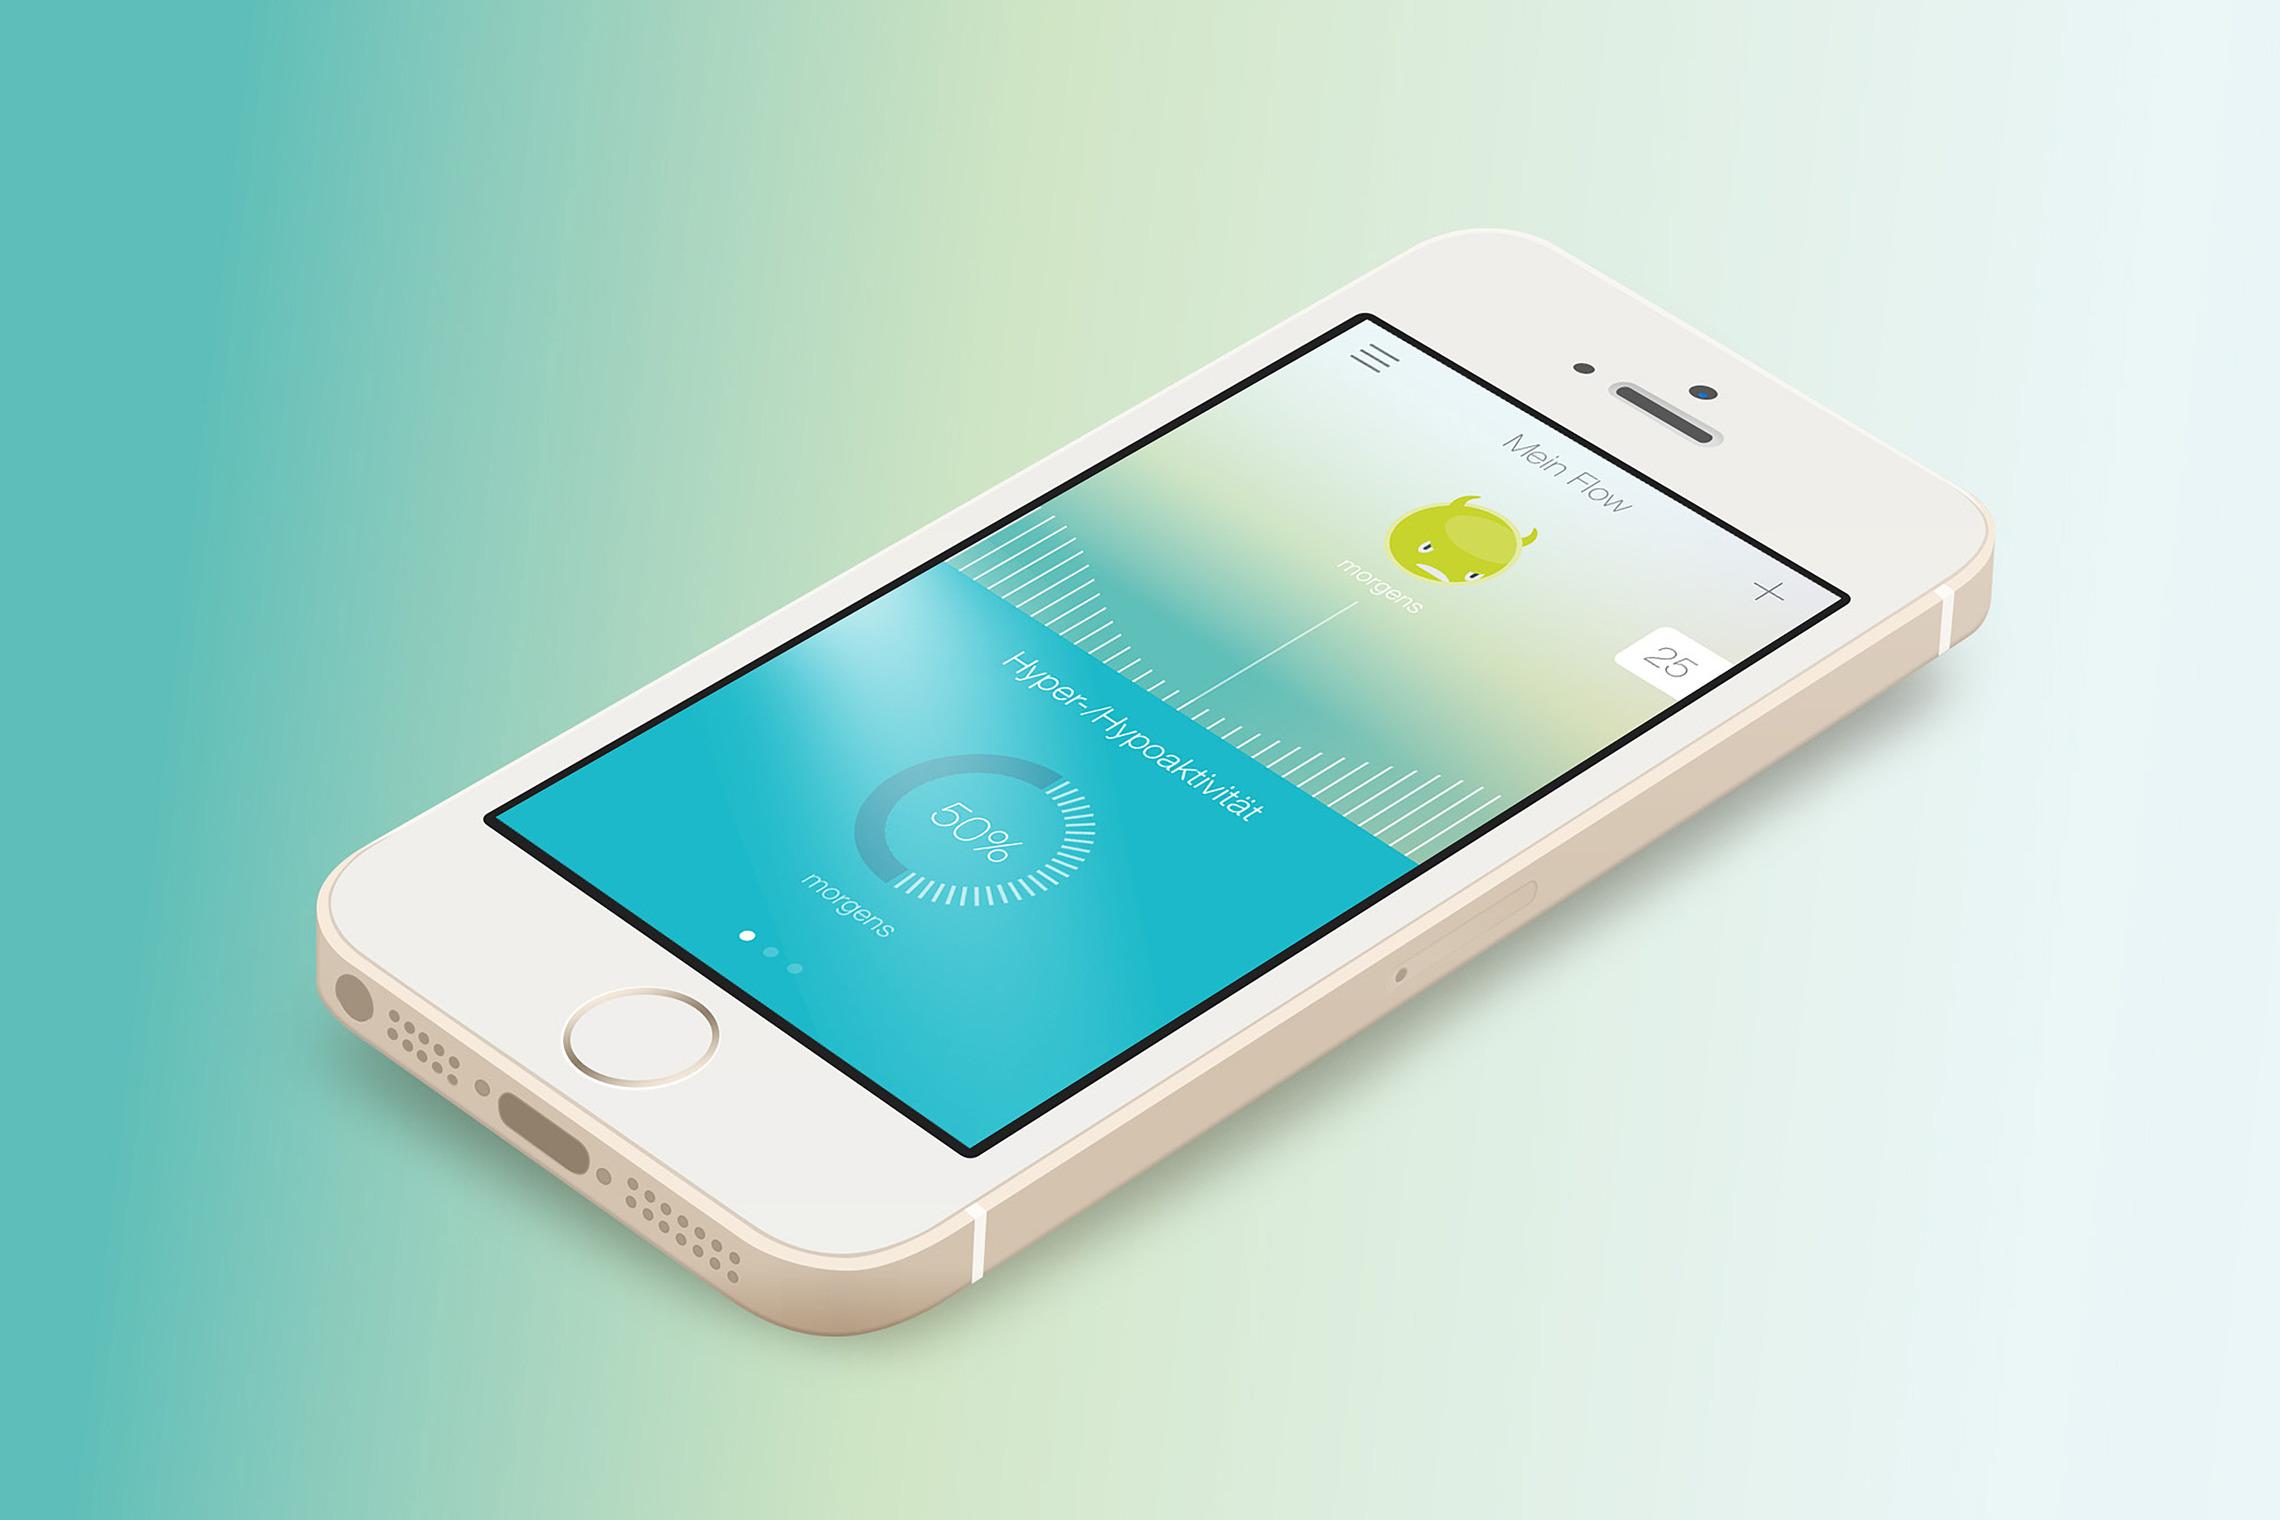 Das übersichtliche und farbenfrohe Screendesign macht dem User Lust auf die kontinuierliche Anwendung der App.